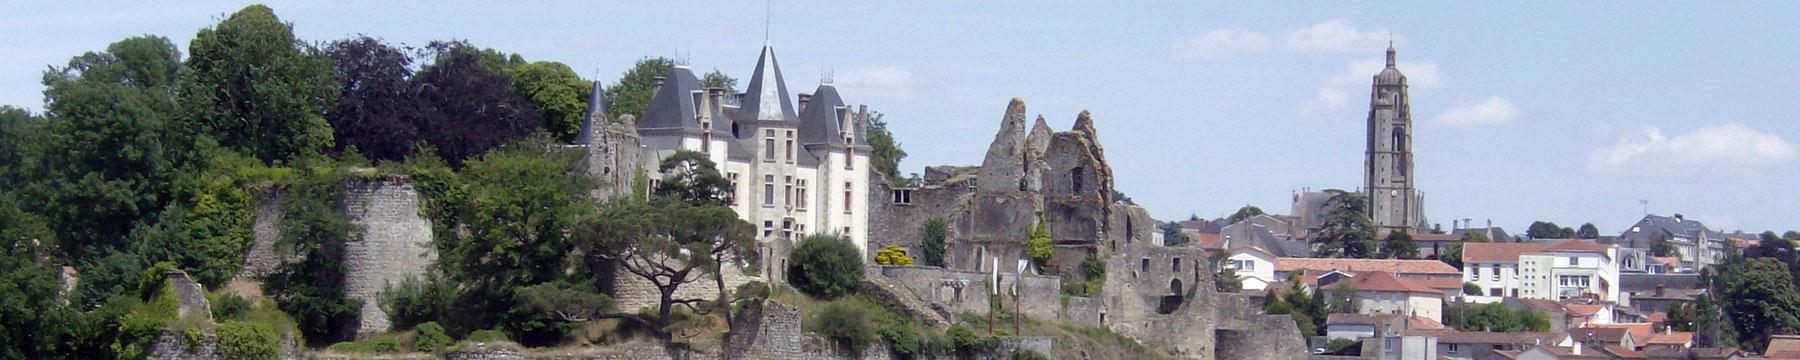 Fietsenverhuur in Frankrijk - FranceBikeHire.com